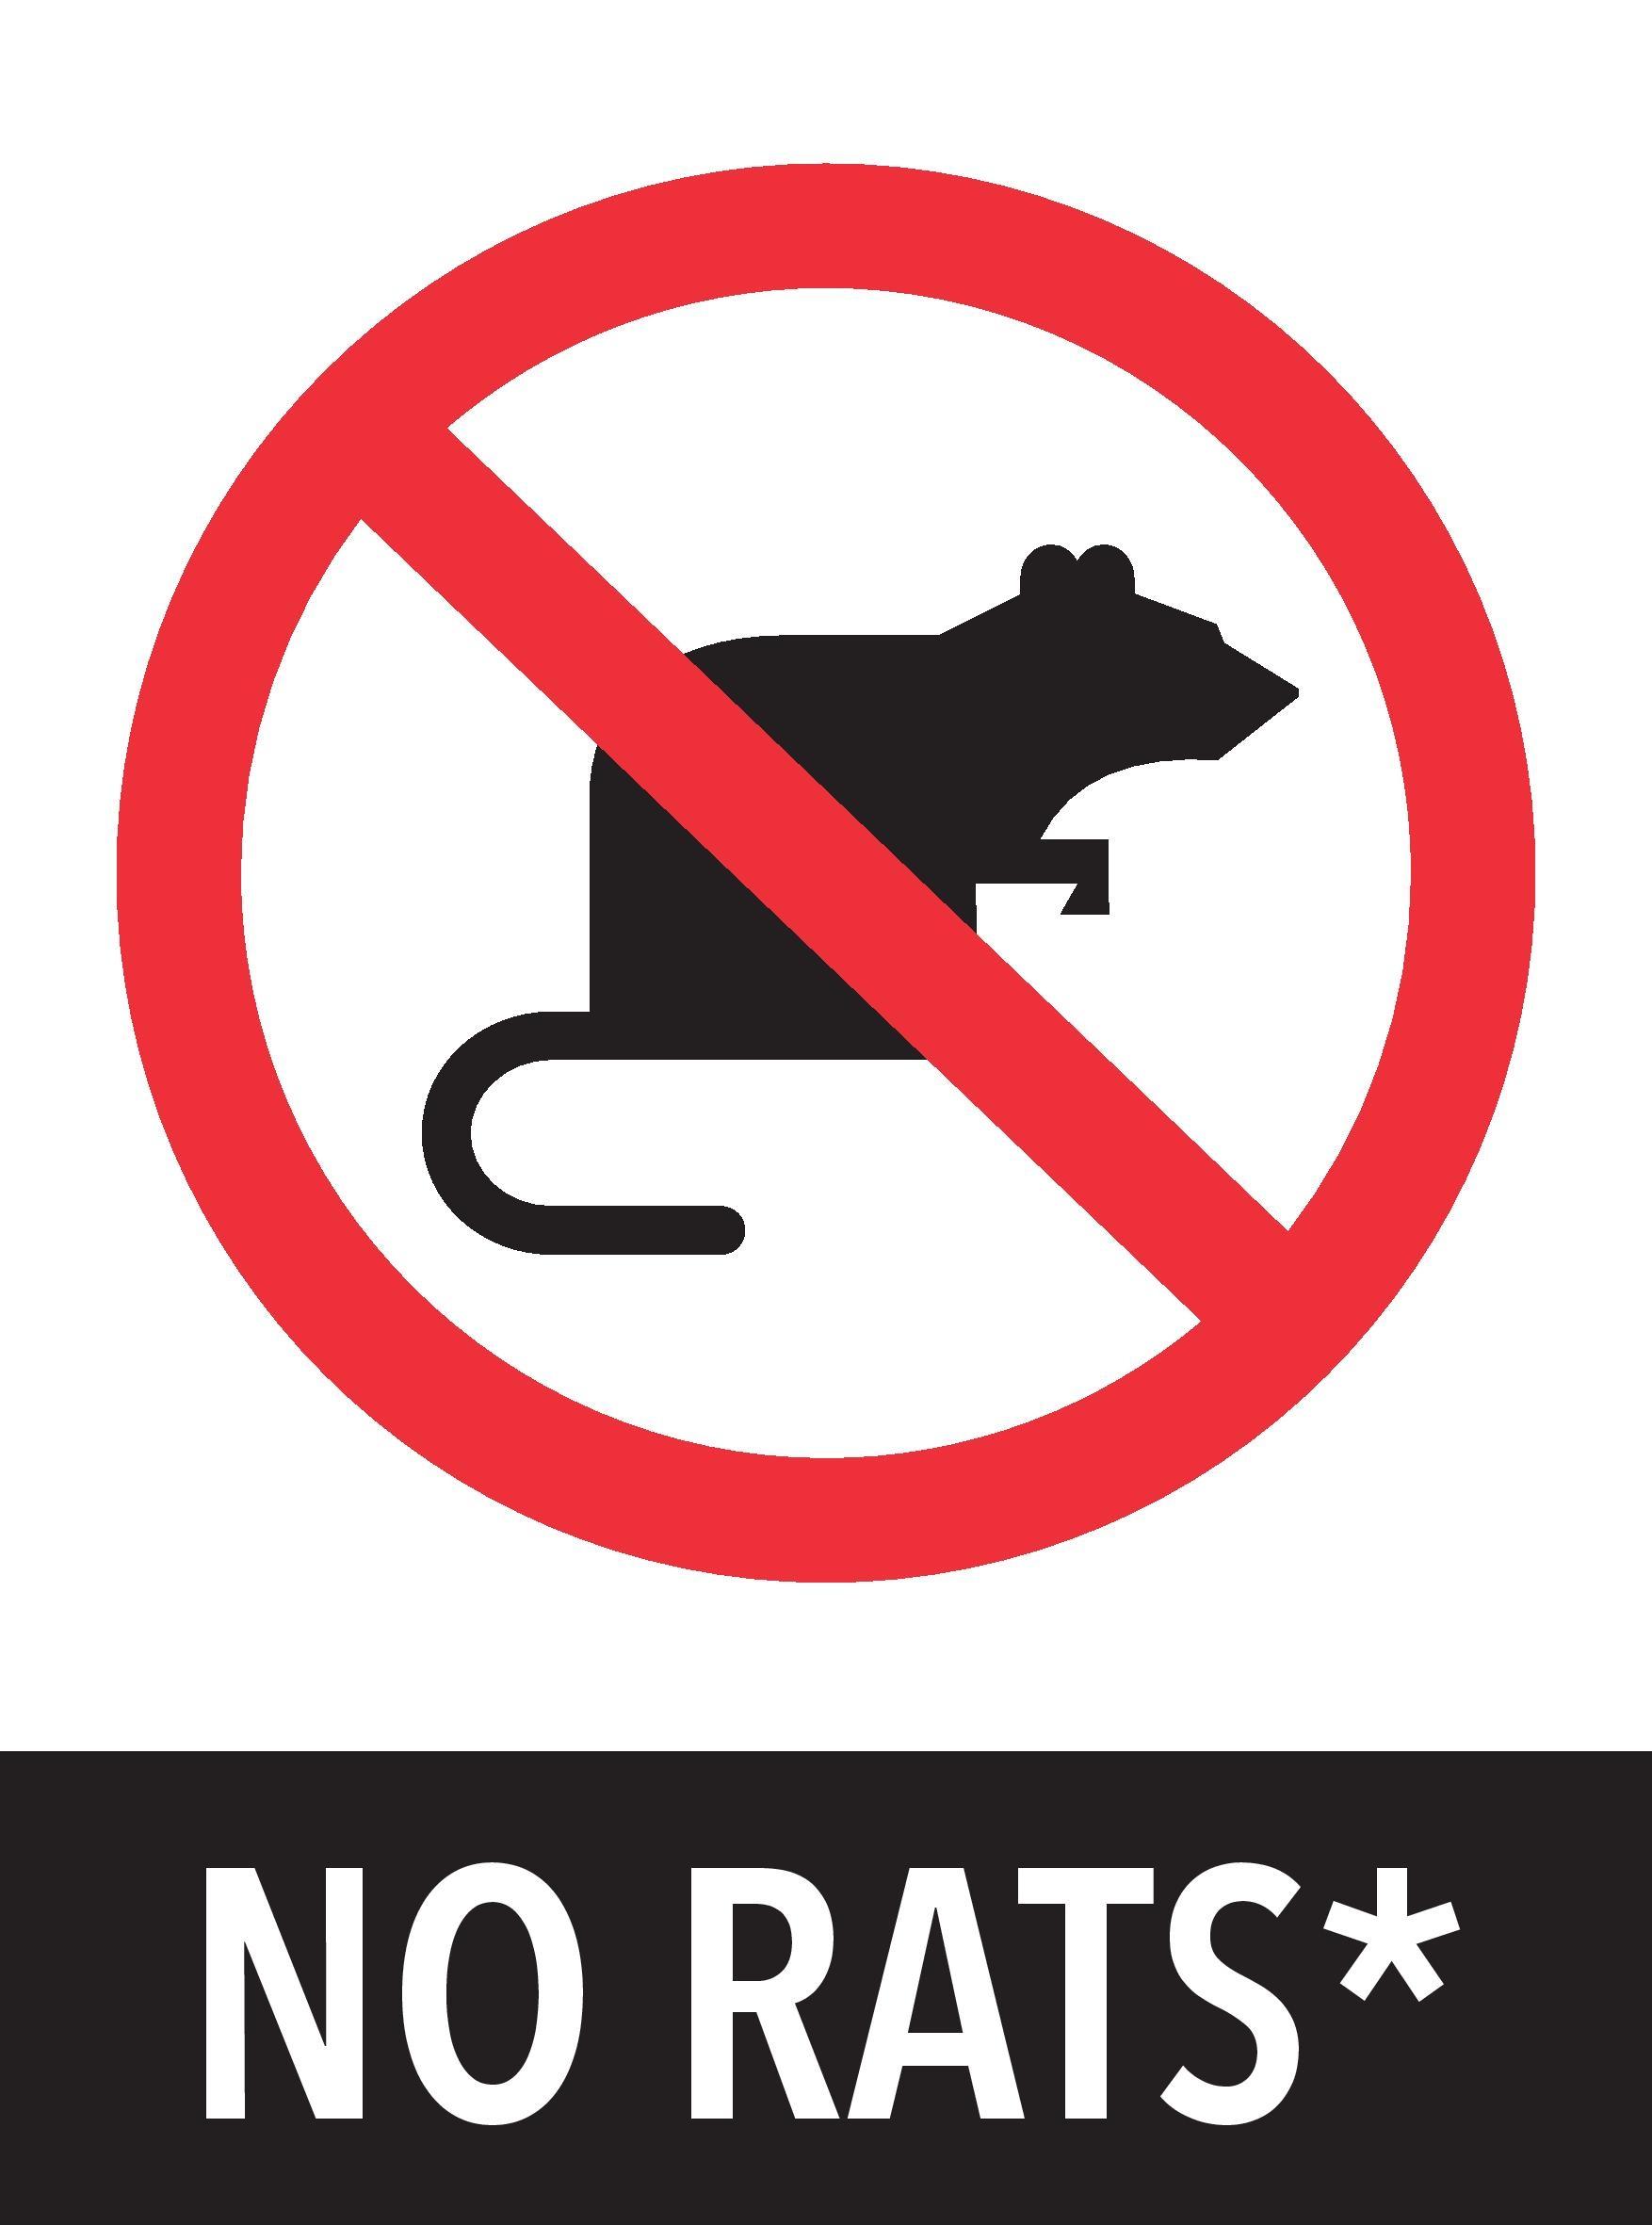 No+rats.jpg